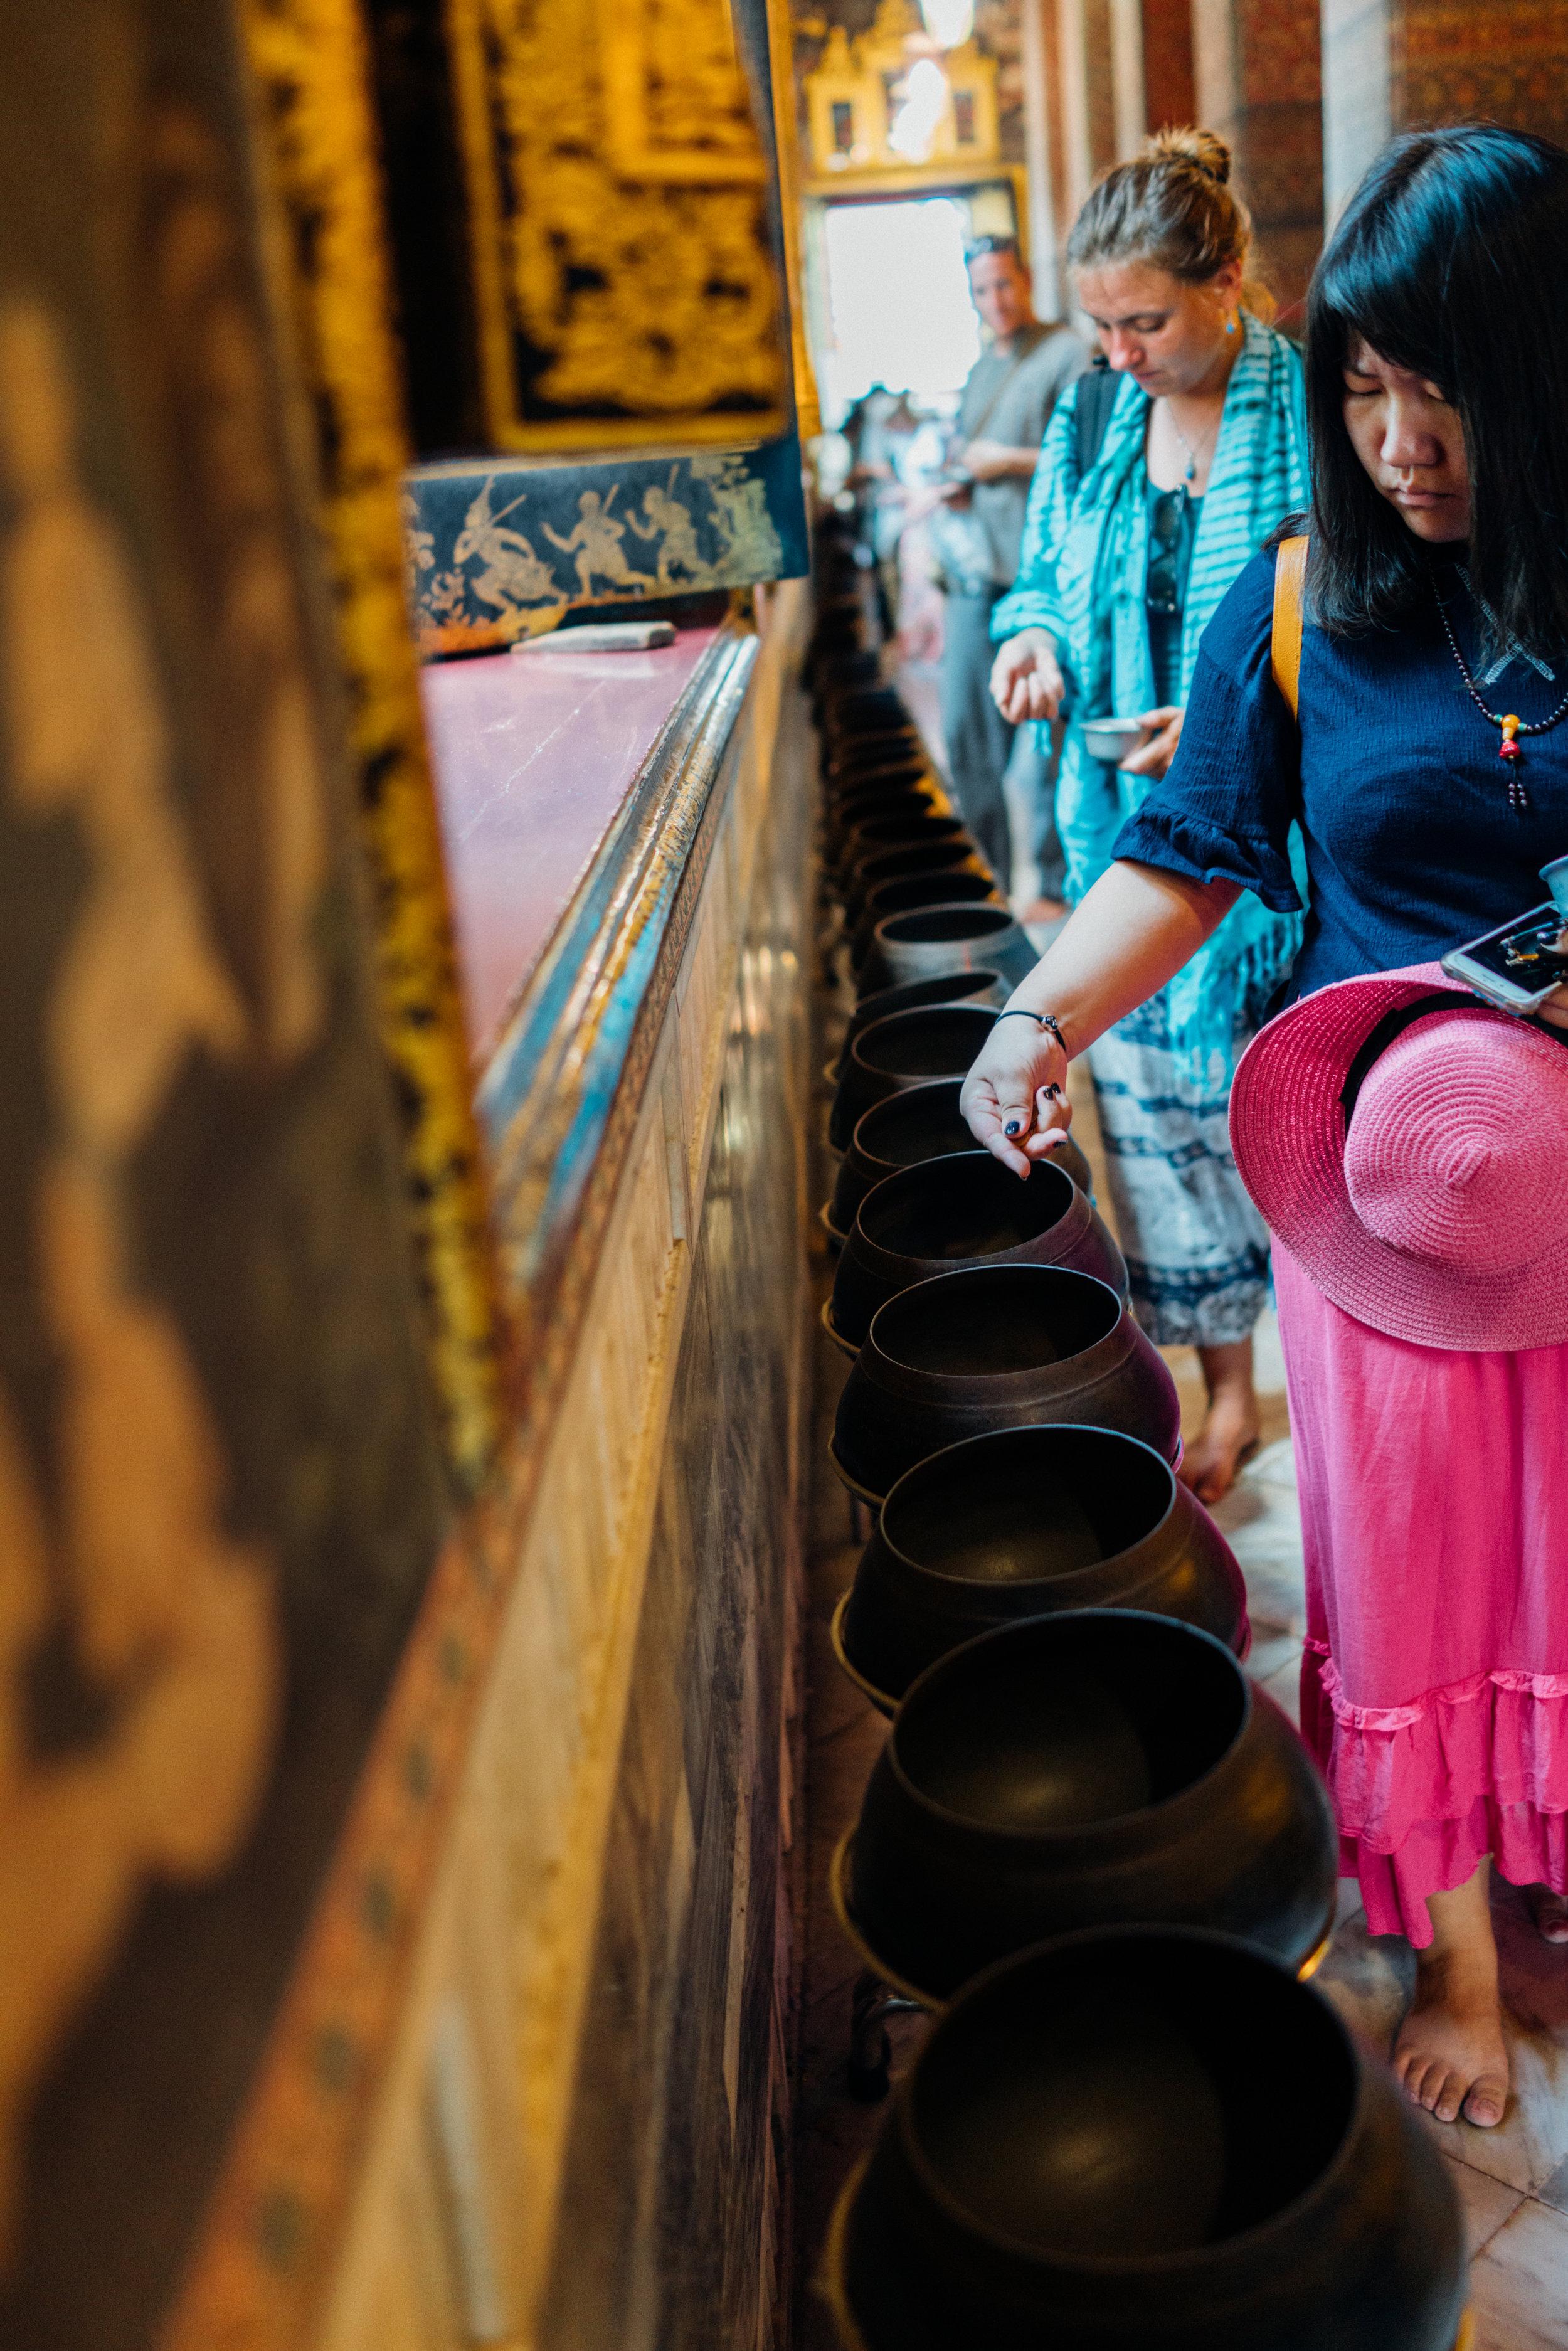 Offerings at Wat Pho